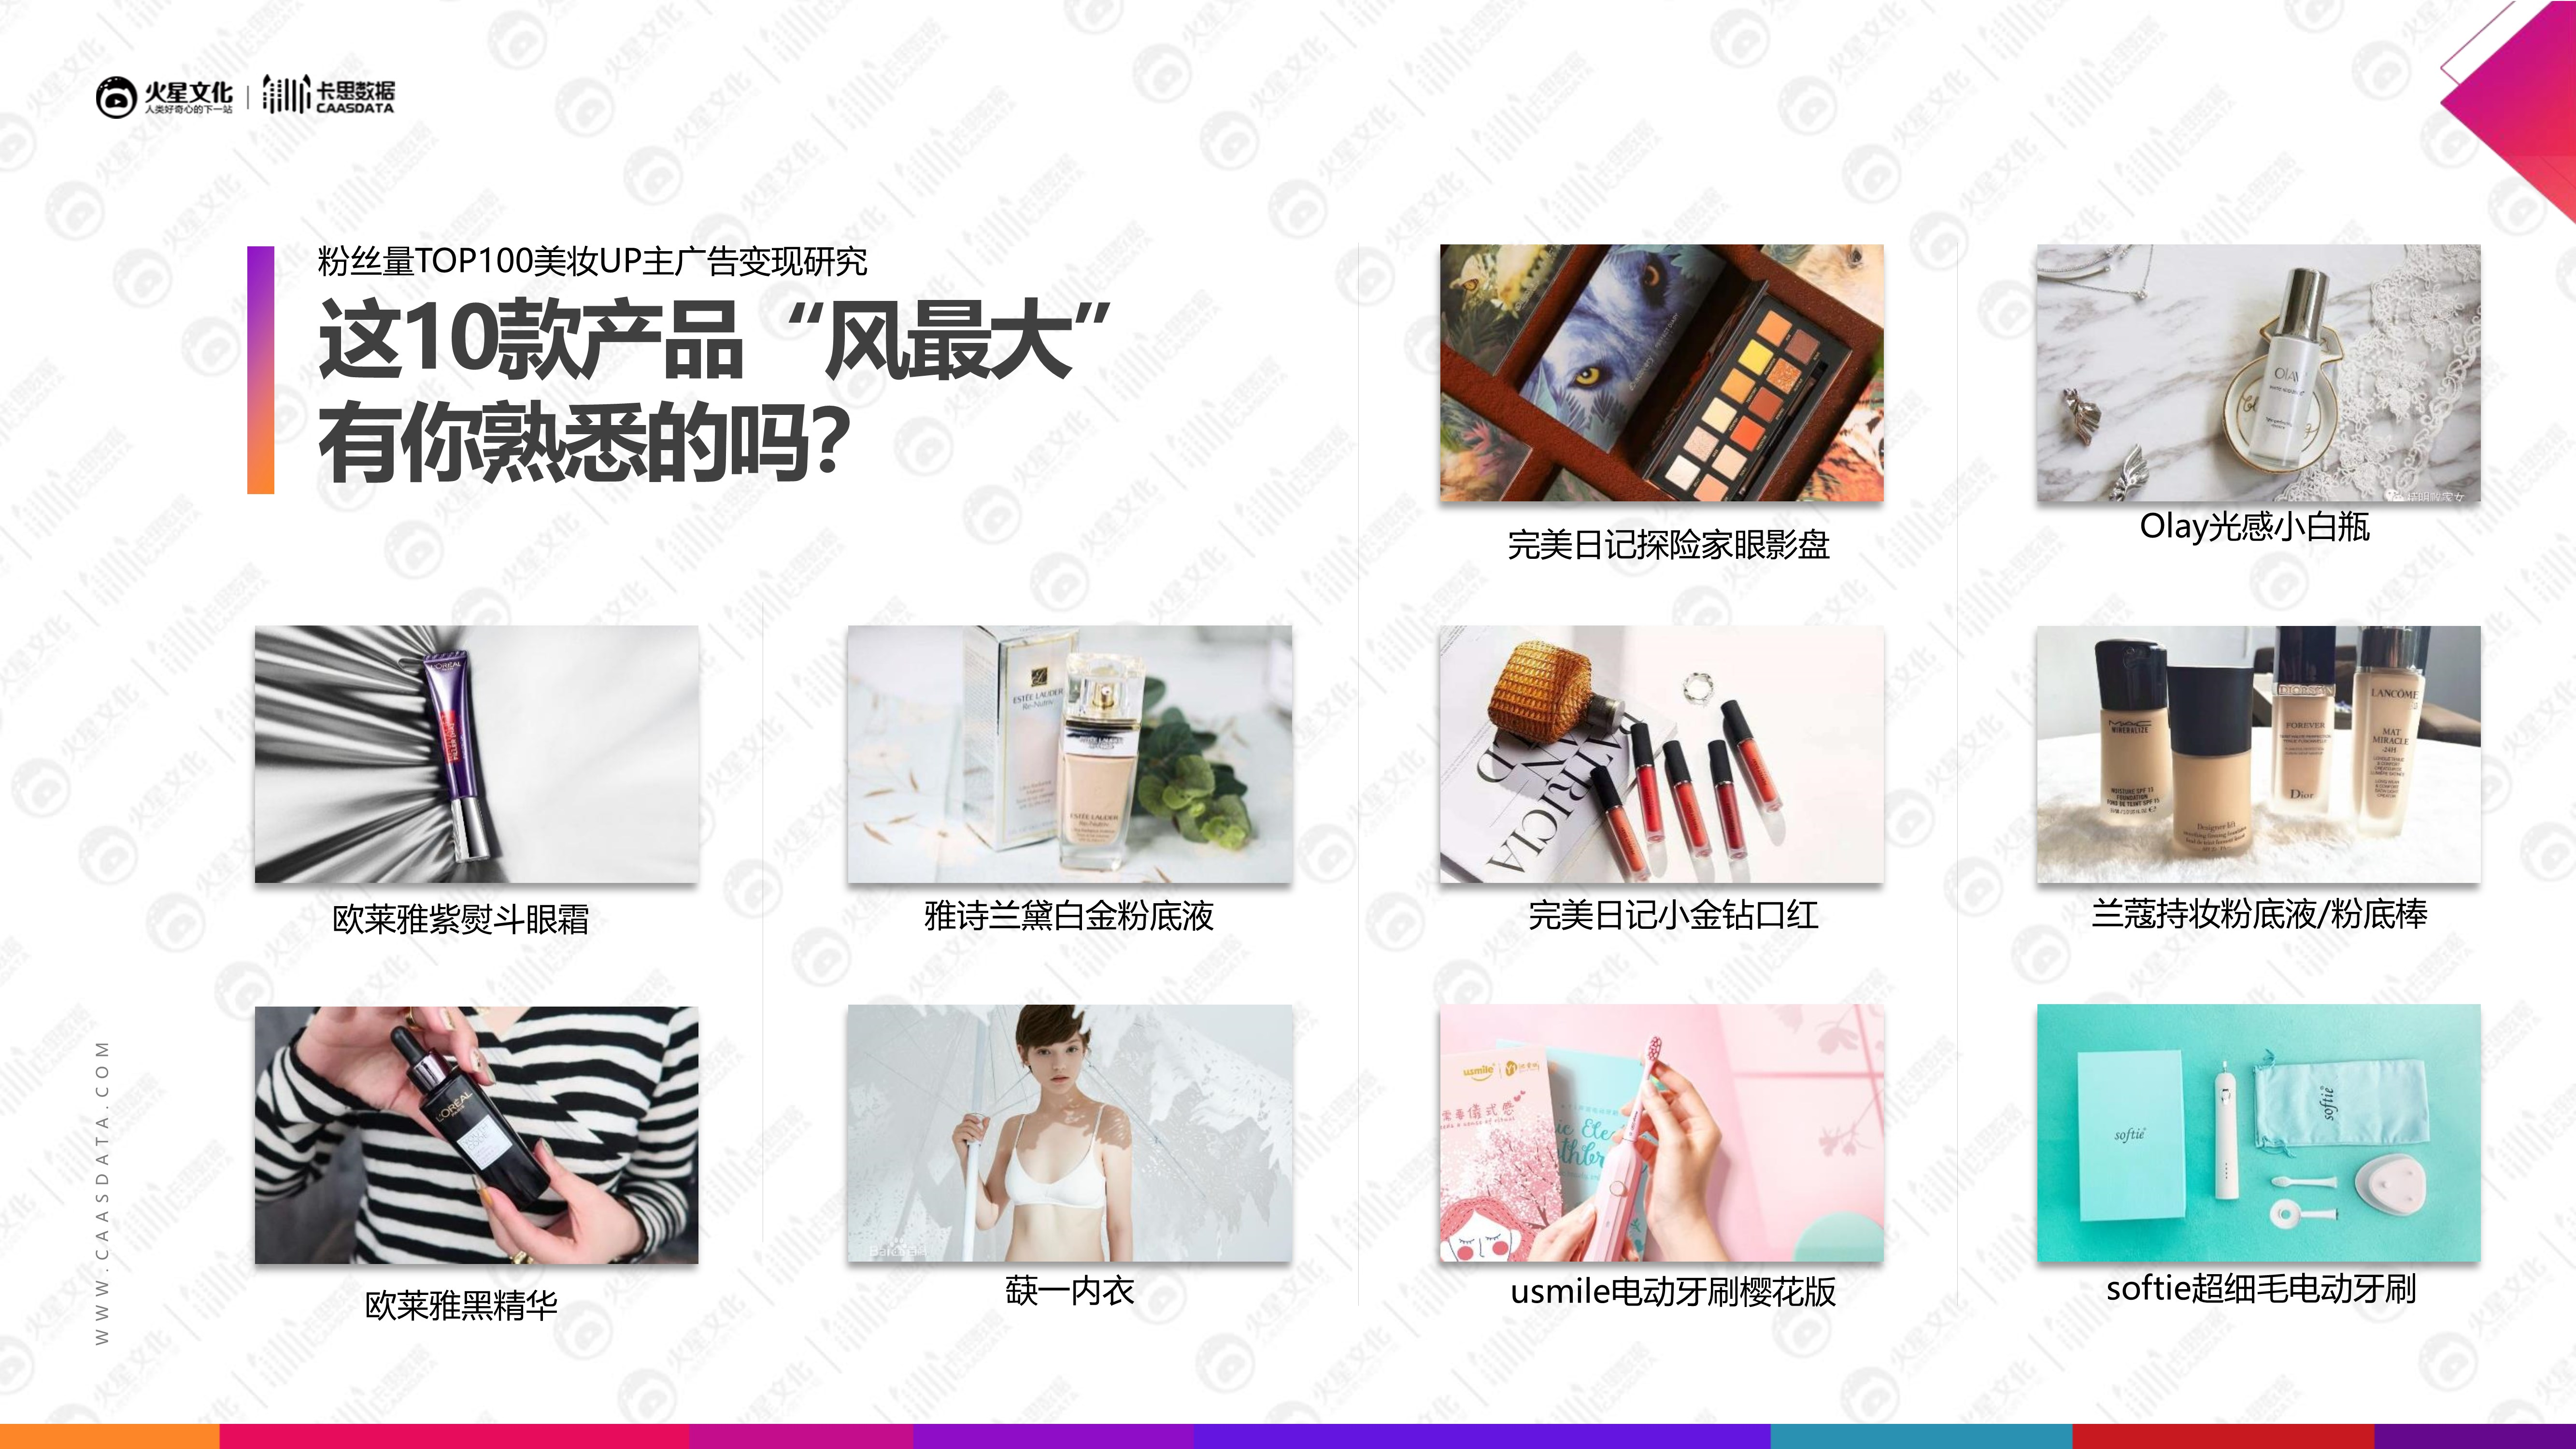 2019美妆短视频KOL营销报告(75页)